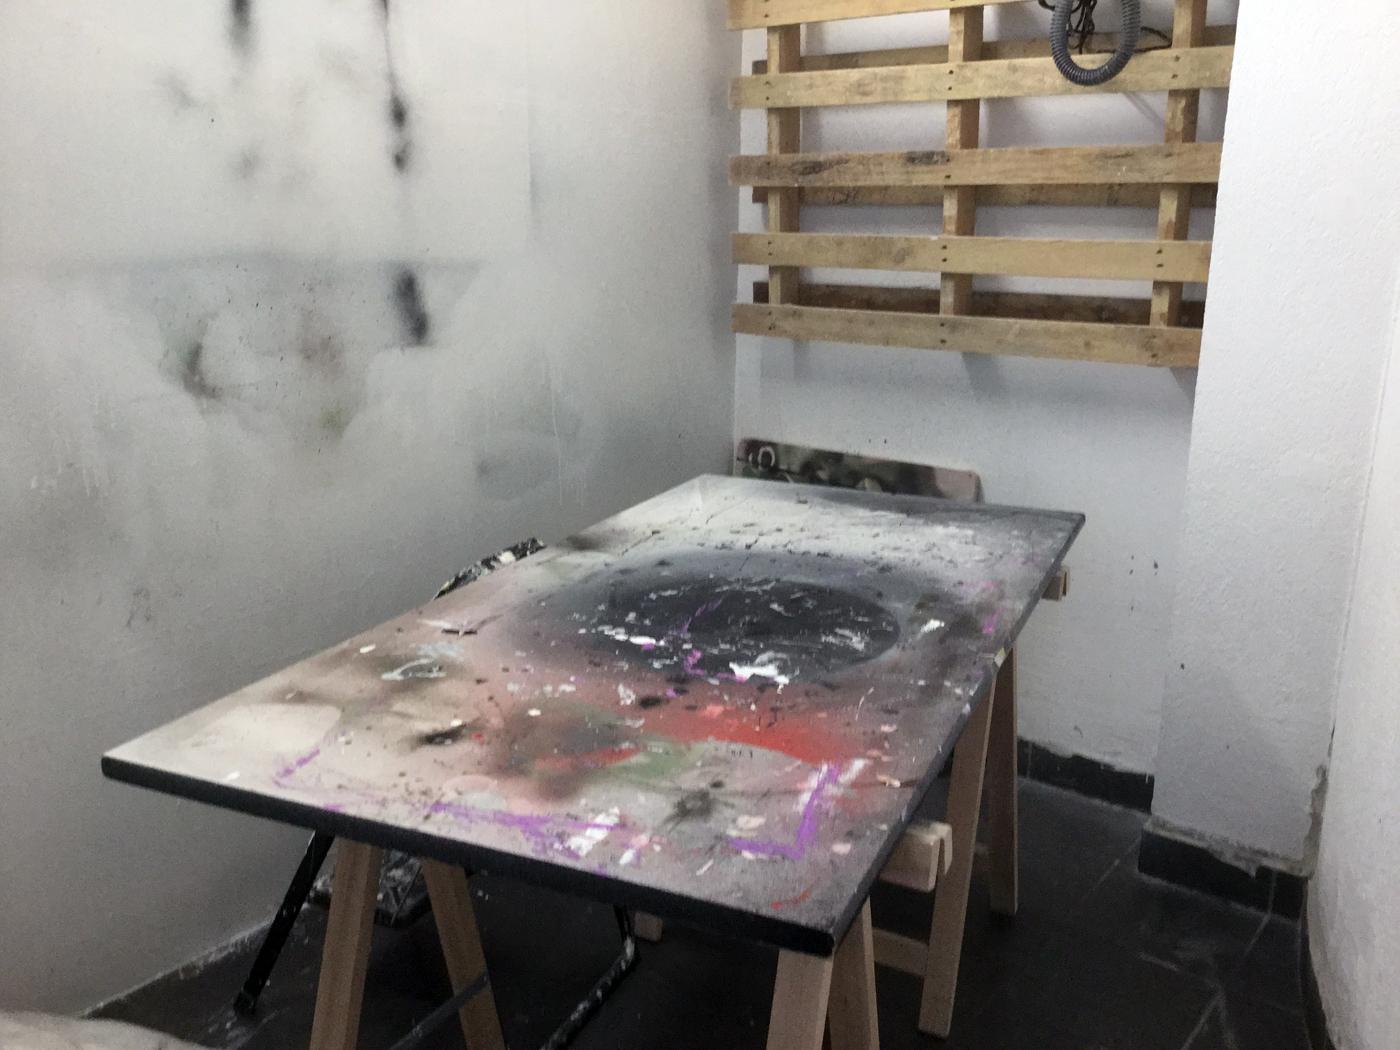 mon atelier en ville d di au bricolage et aux loisirs cr atifs dkomag. Black Bedroom Furniture Sets. Home Design Ideas